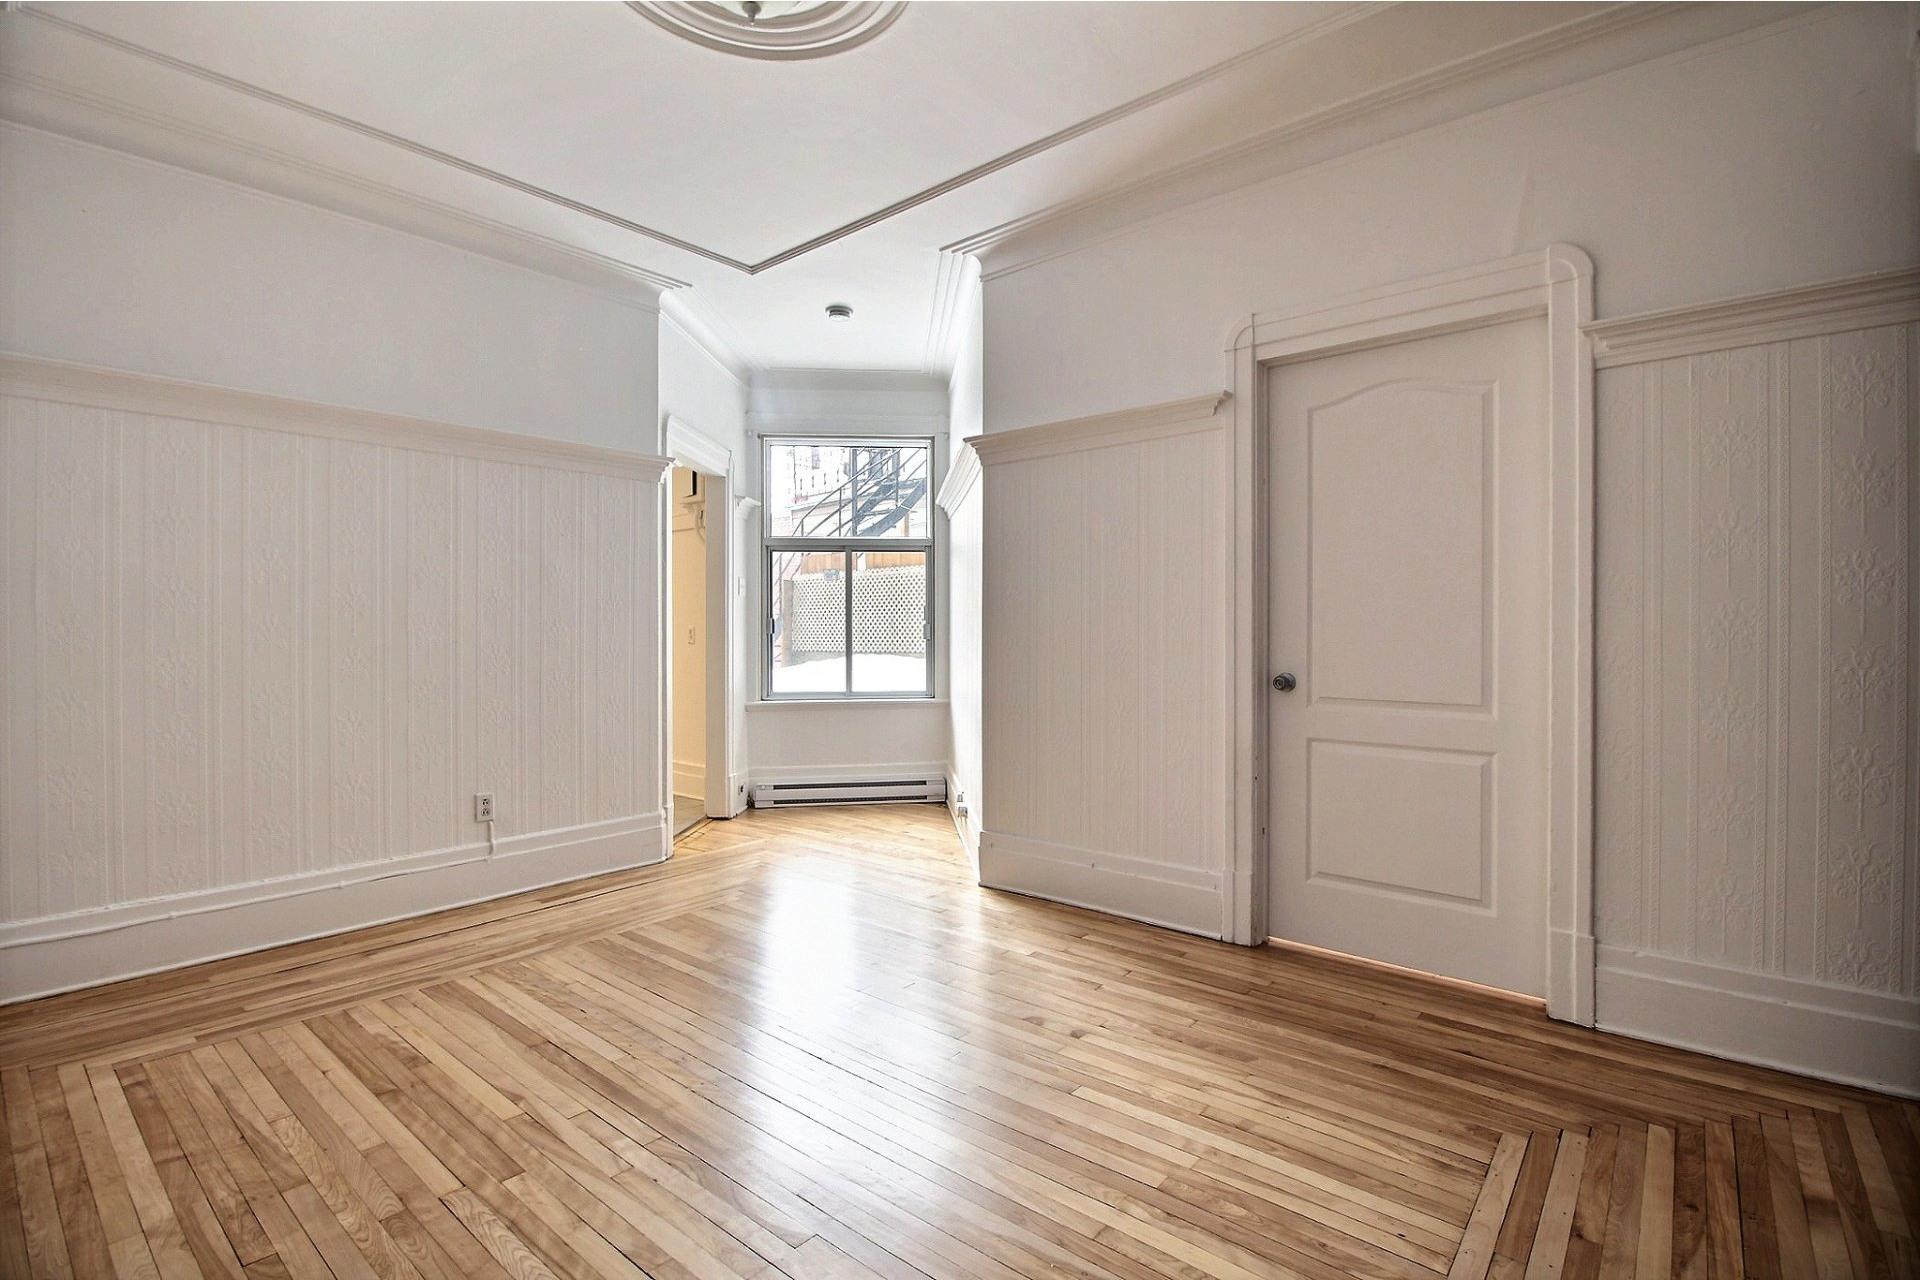 image 6 - Appartement À louer Rosemont/La Petite-Patrie Montréal  - 8 pièces